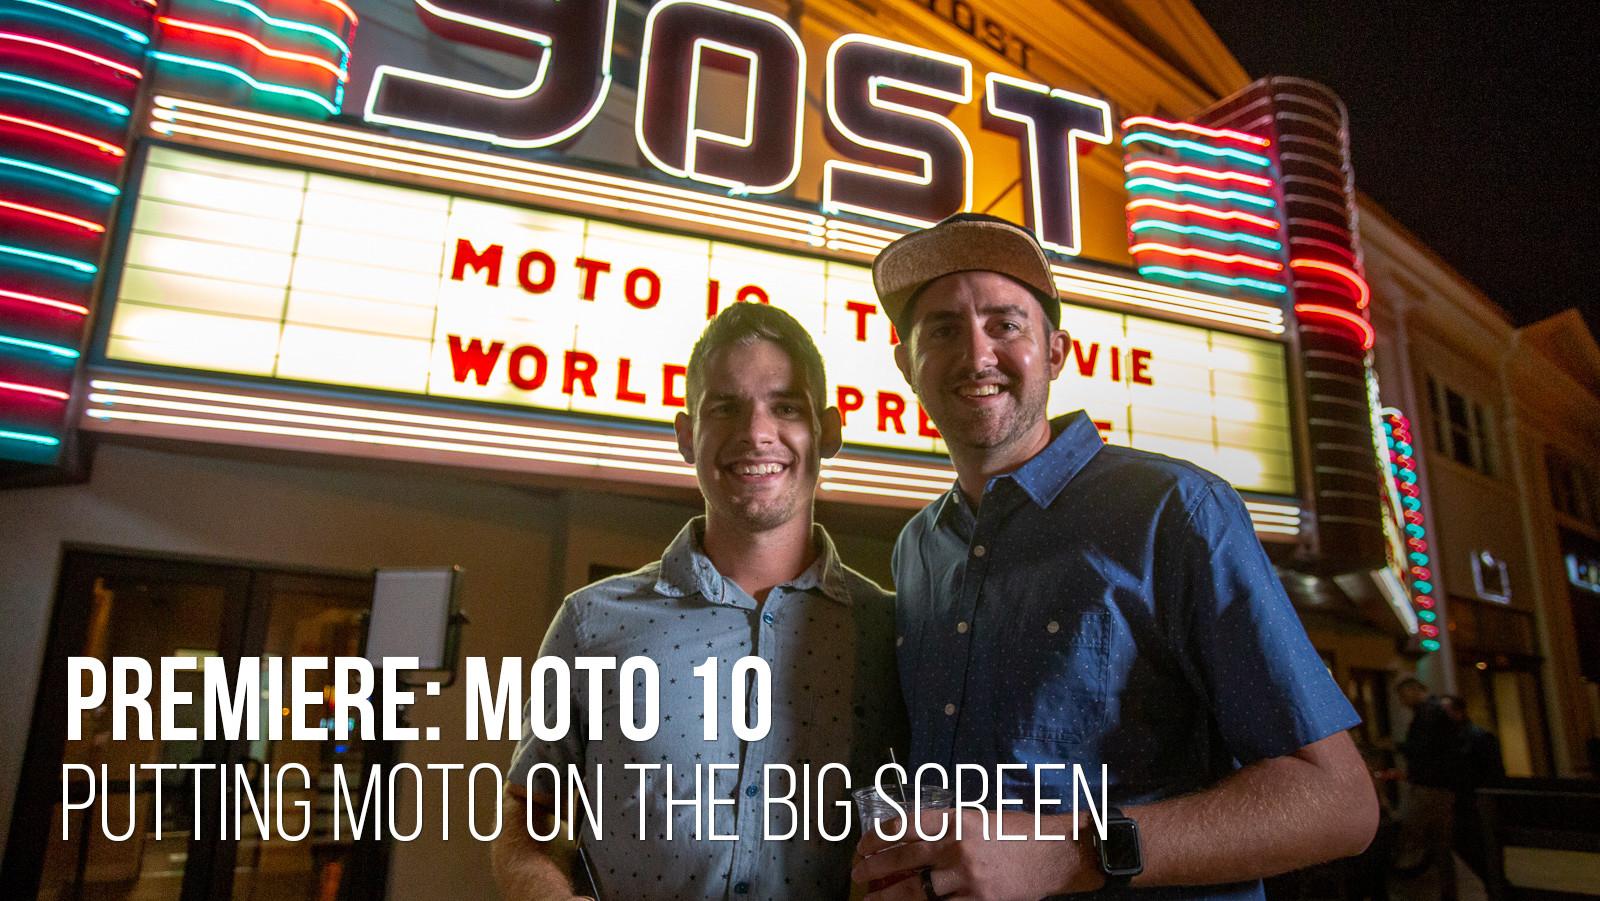 Premiere: Moto 10